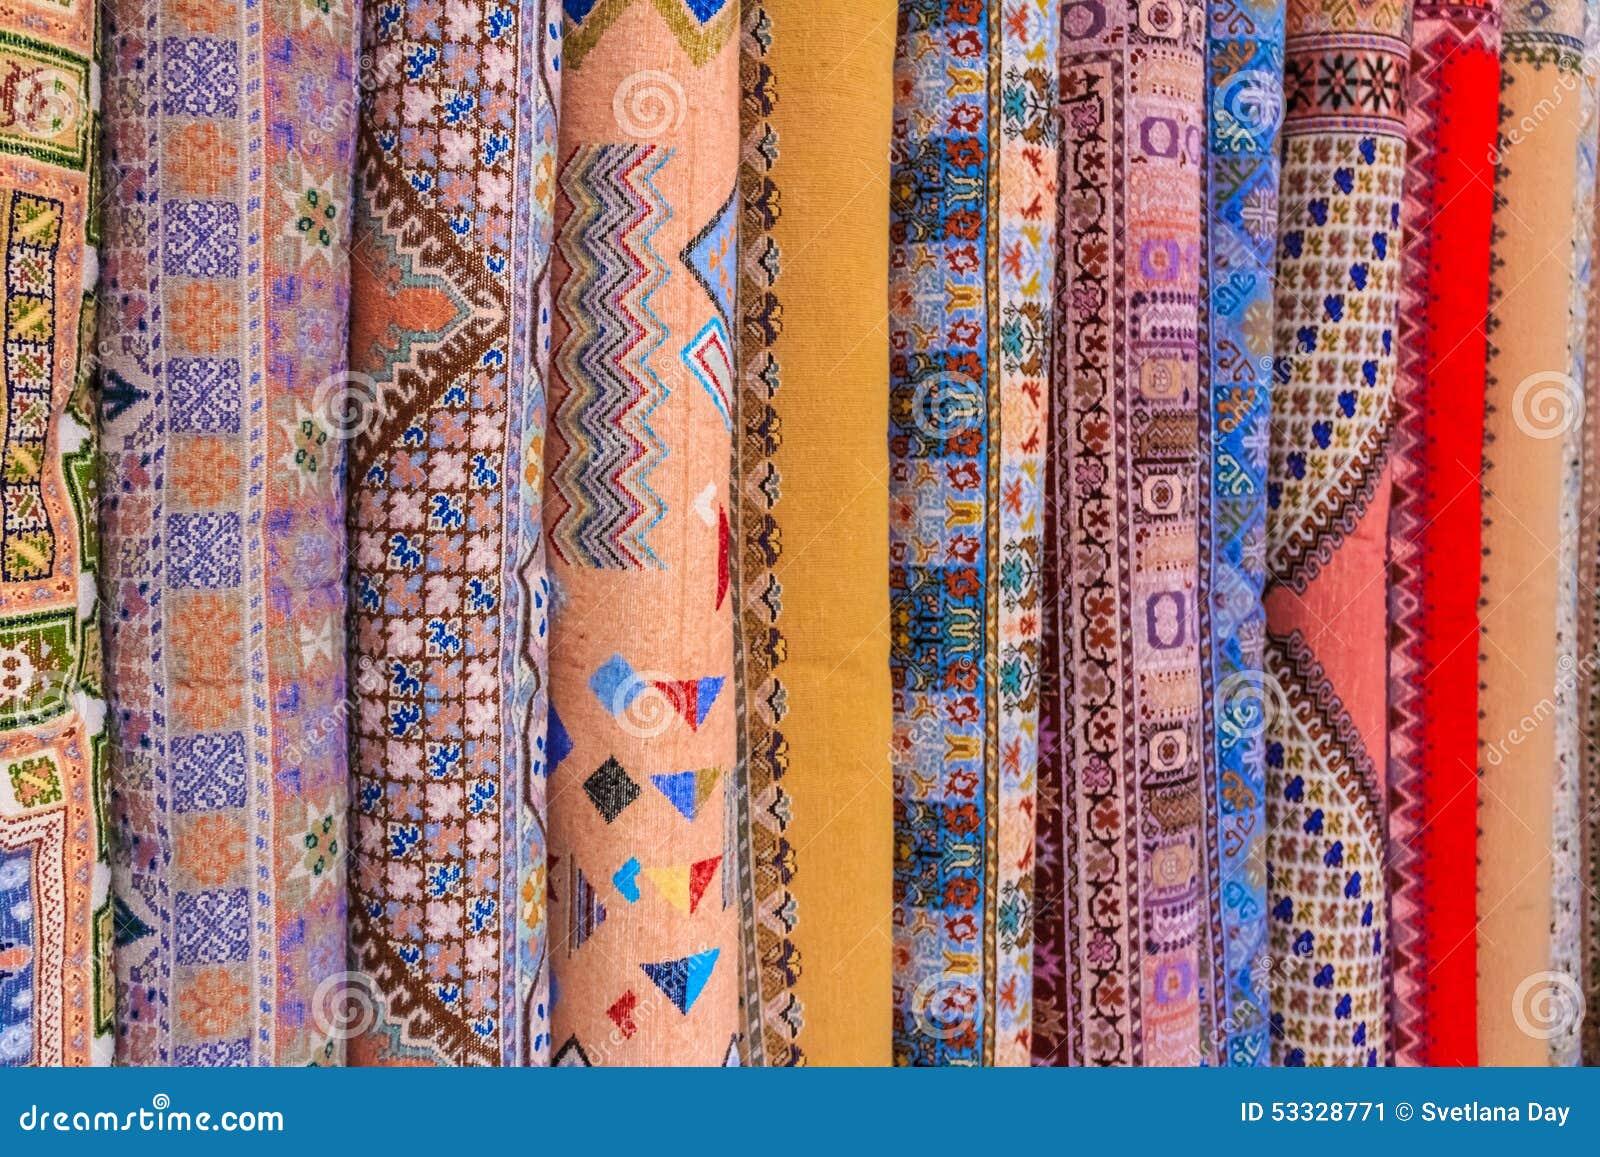 Tappeti orientali al mercato marocchino fotografia stock - Tappeti orientali ...